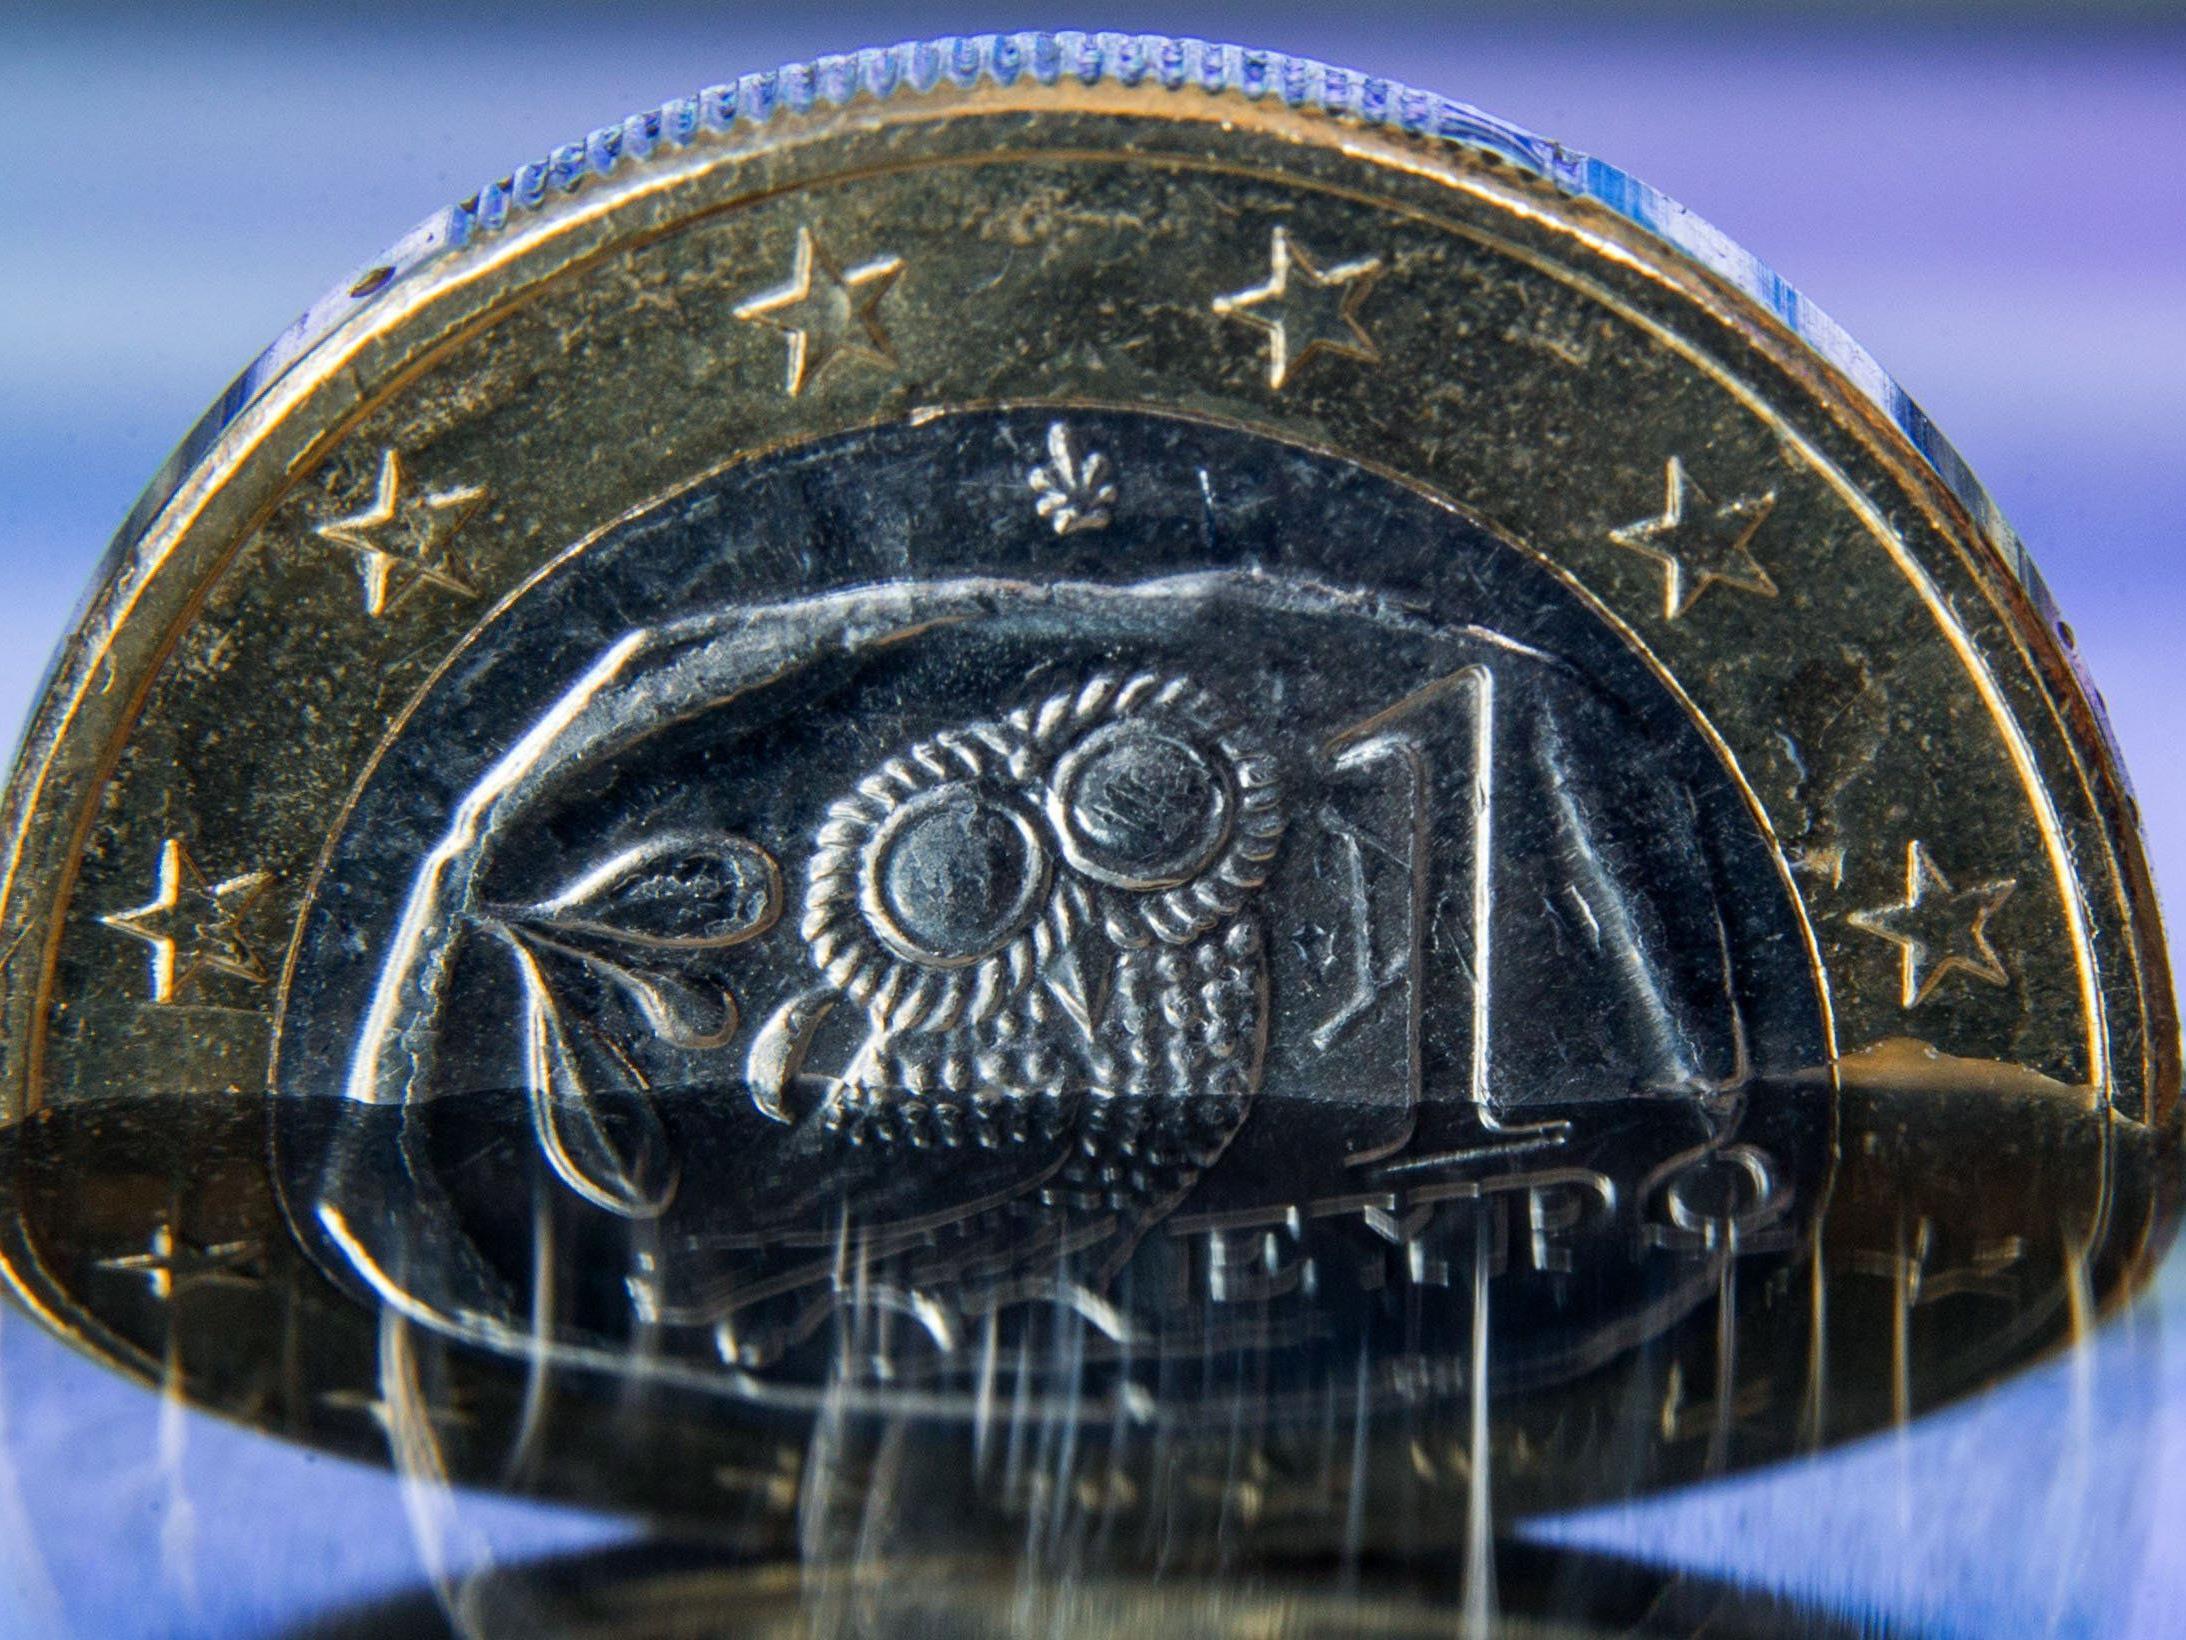 Nach dem Nein der Griechen läuft die Krisen-Diplomatie in Europa auf Hochtouren.